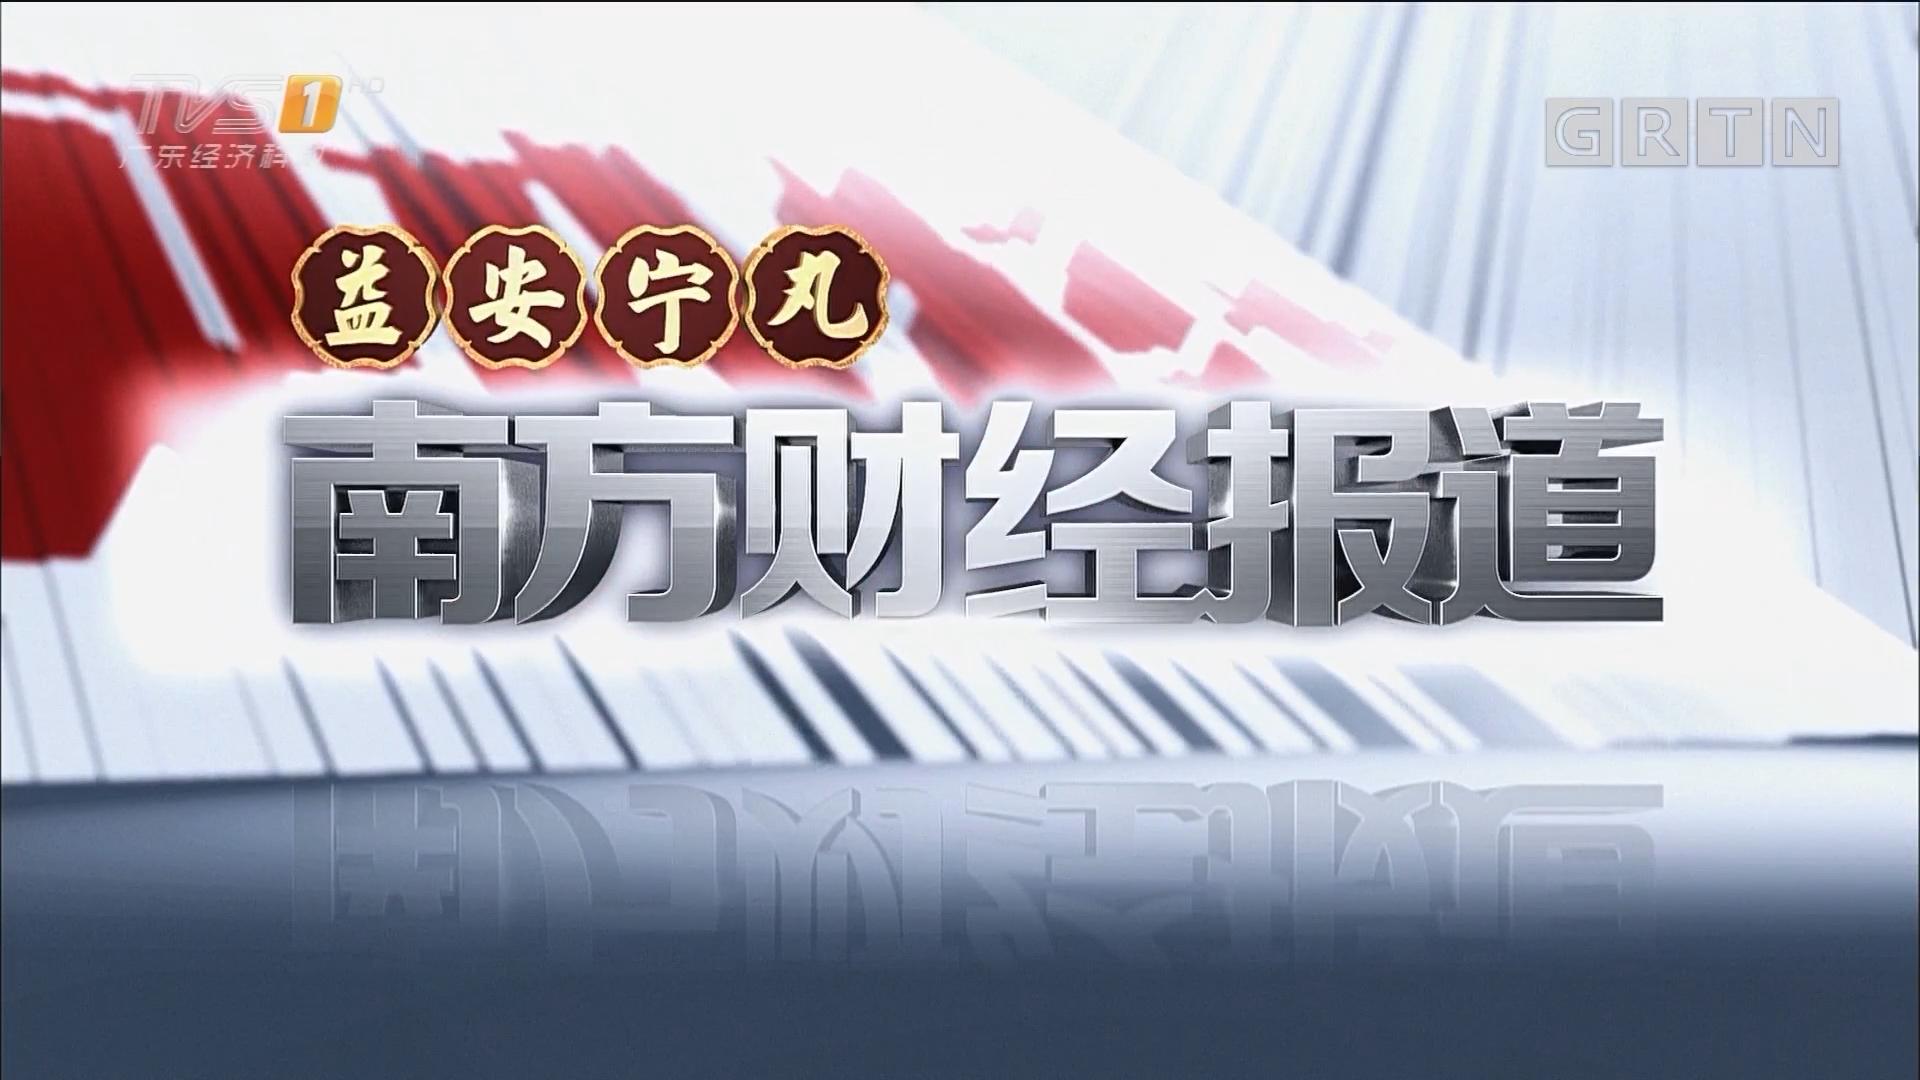 20170515《南方财经报道》砥砺前行这五年(一):东莞外贸 发展态势继续向好